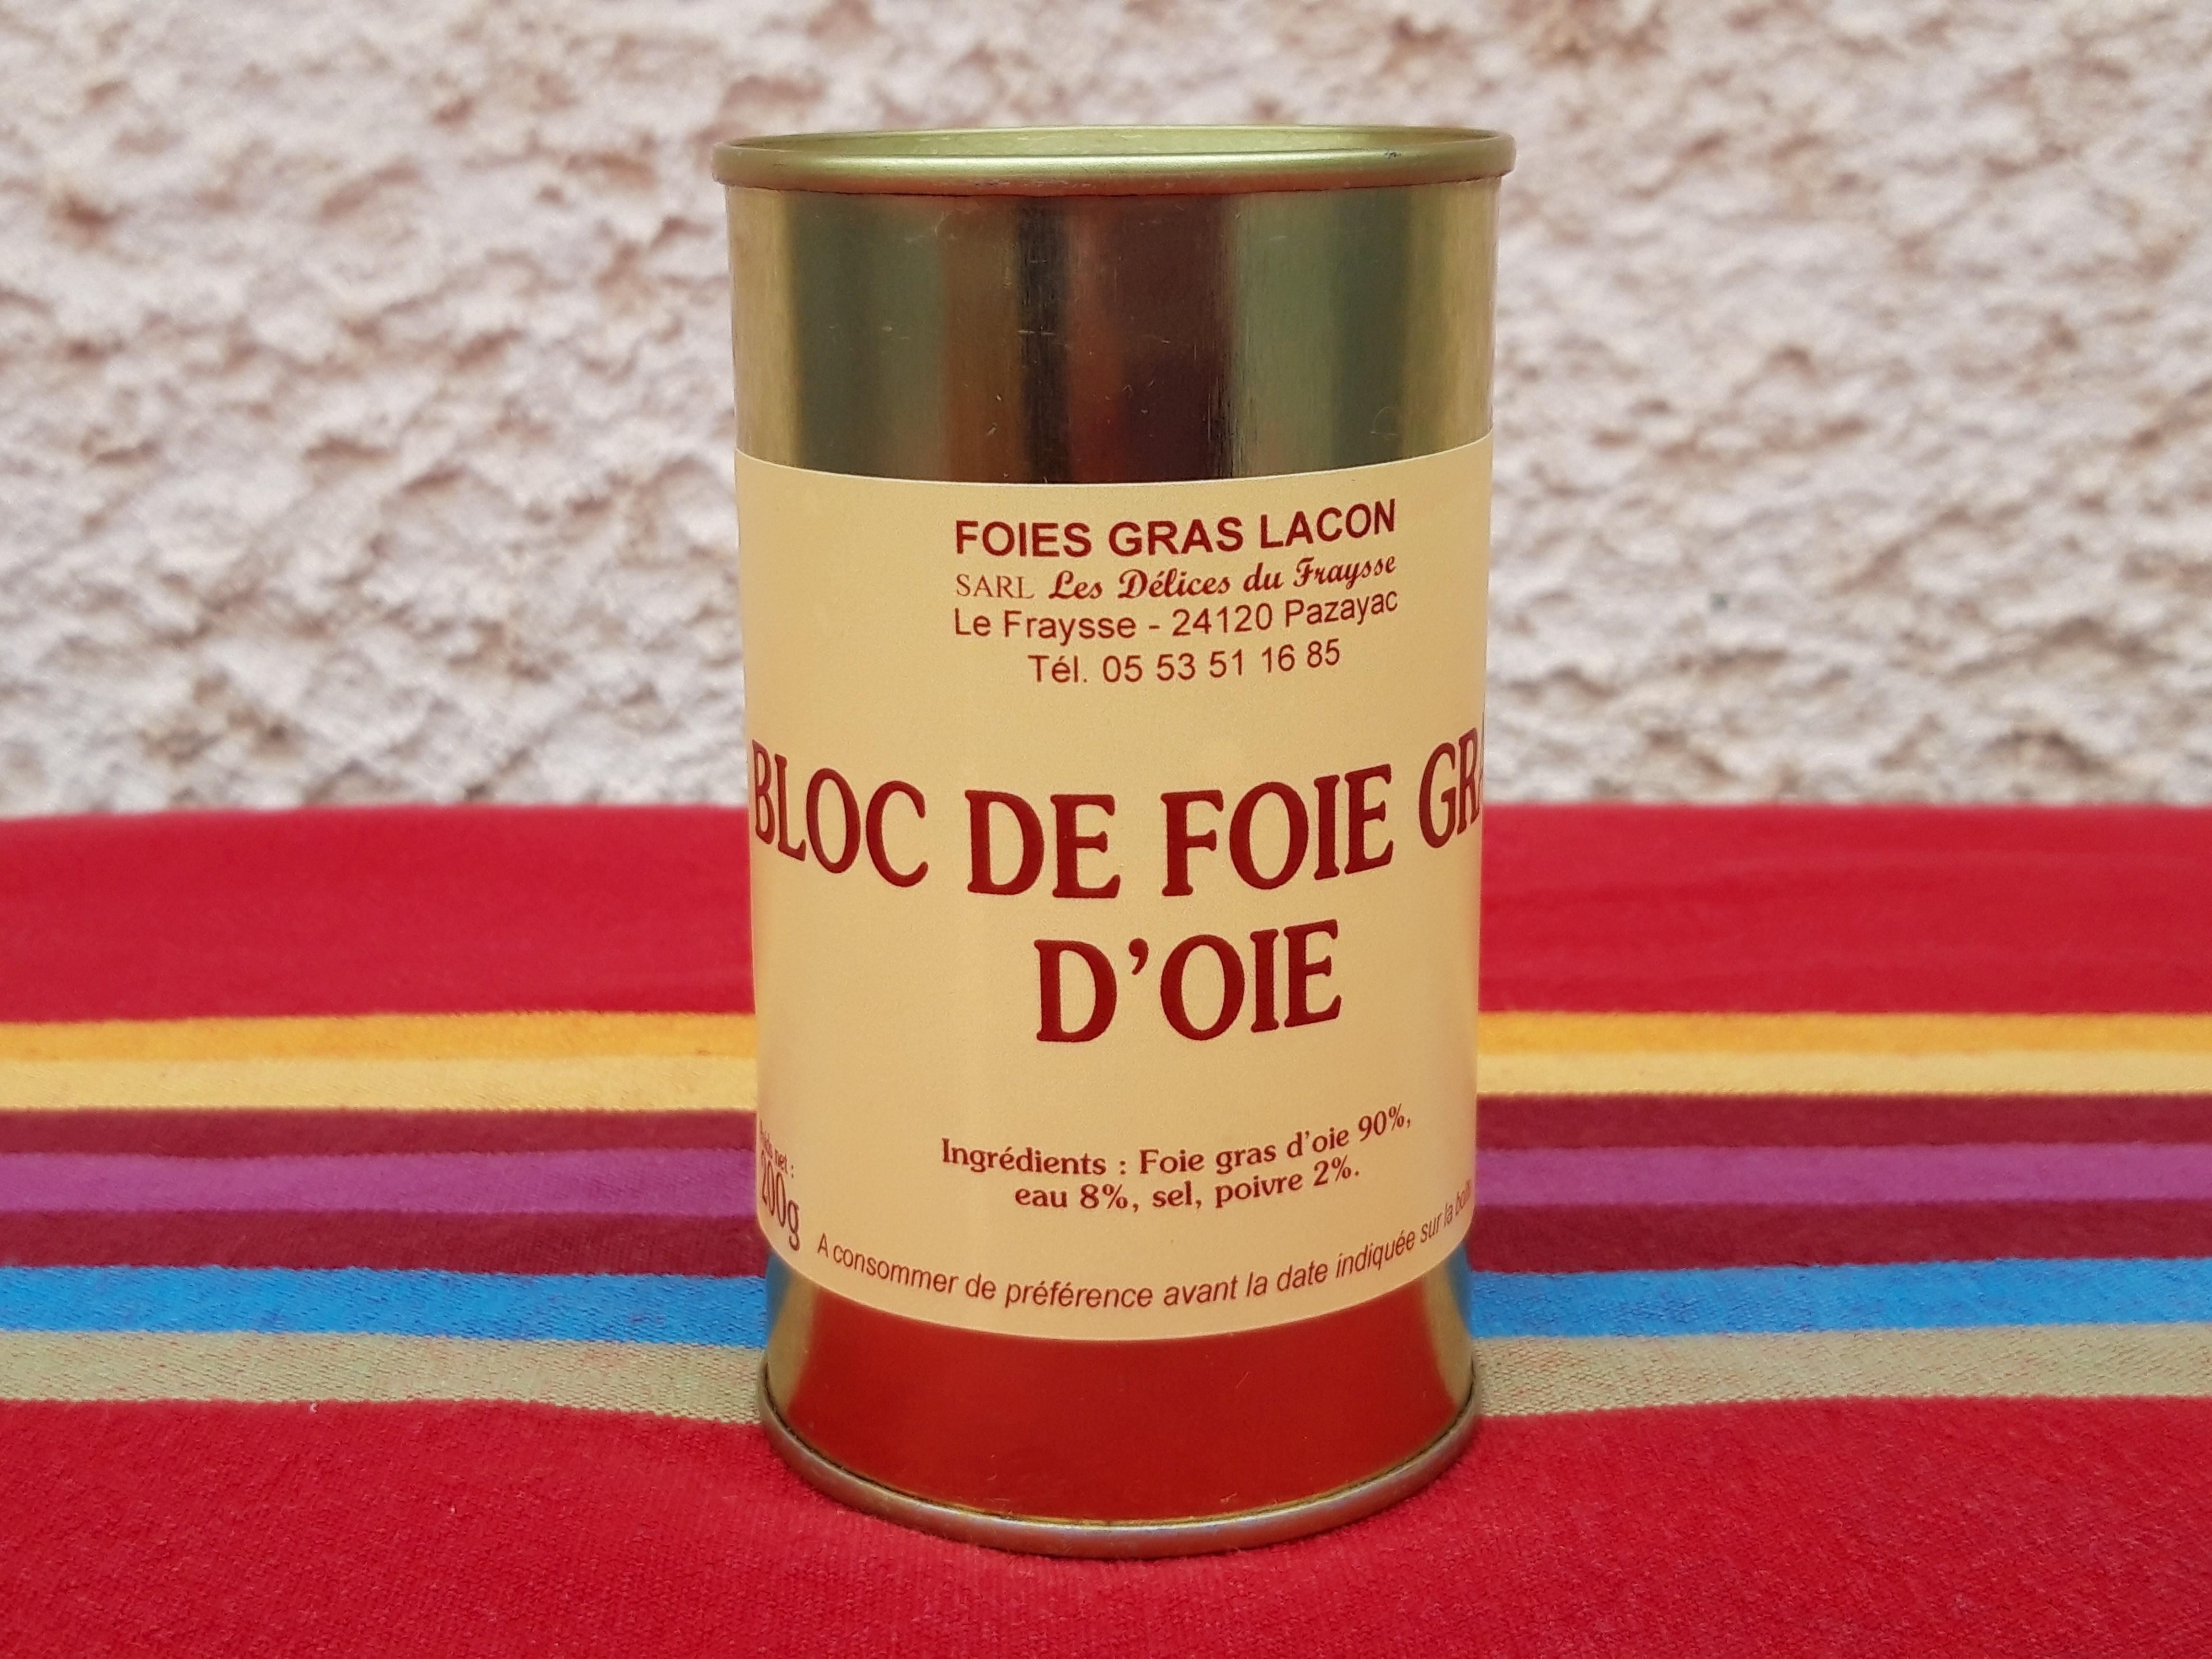 Bloc de foie gras d'oie 200g